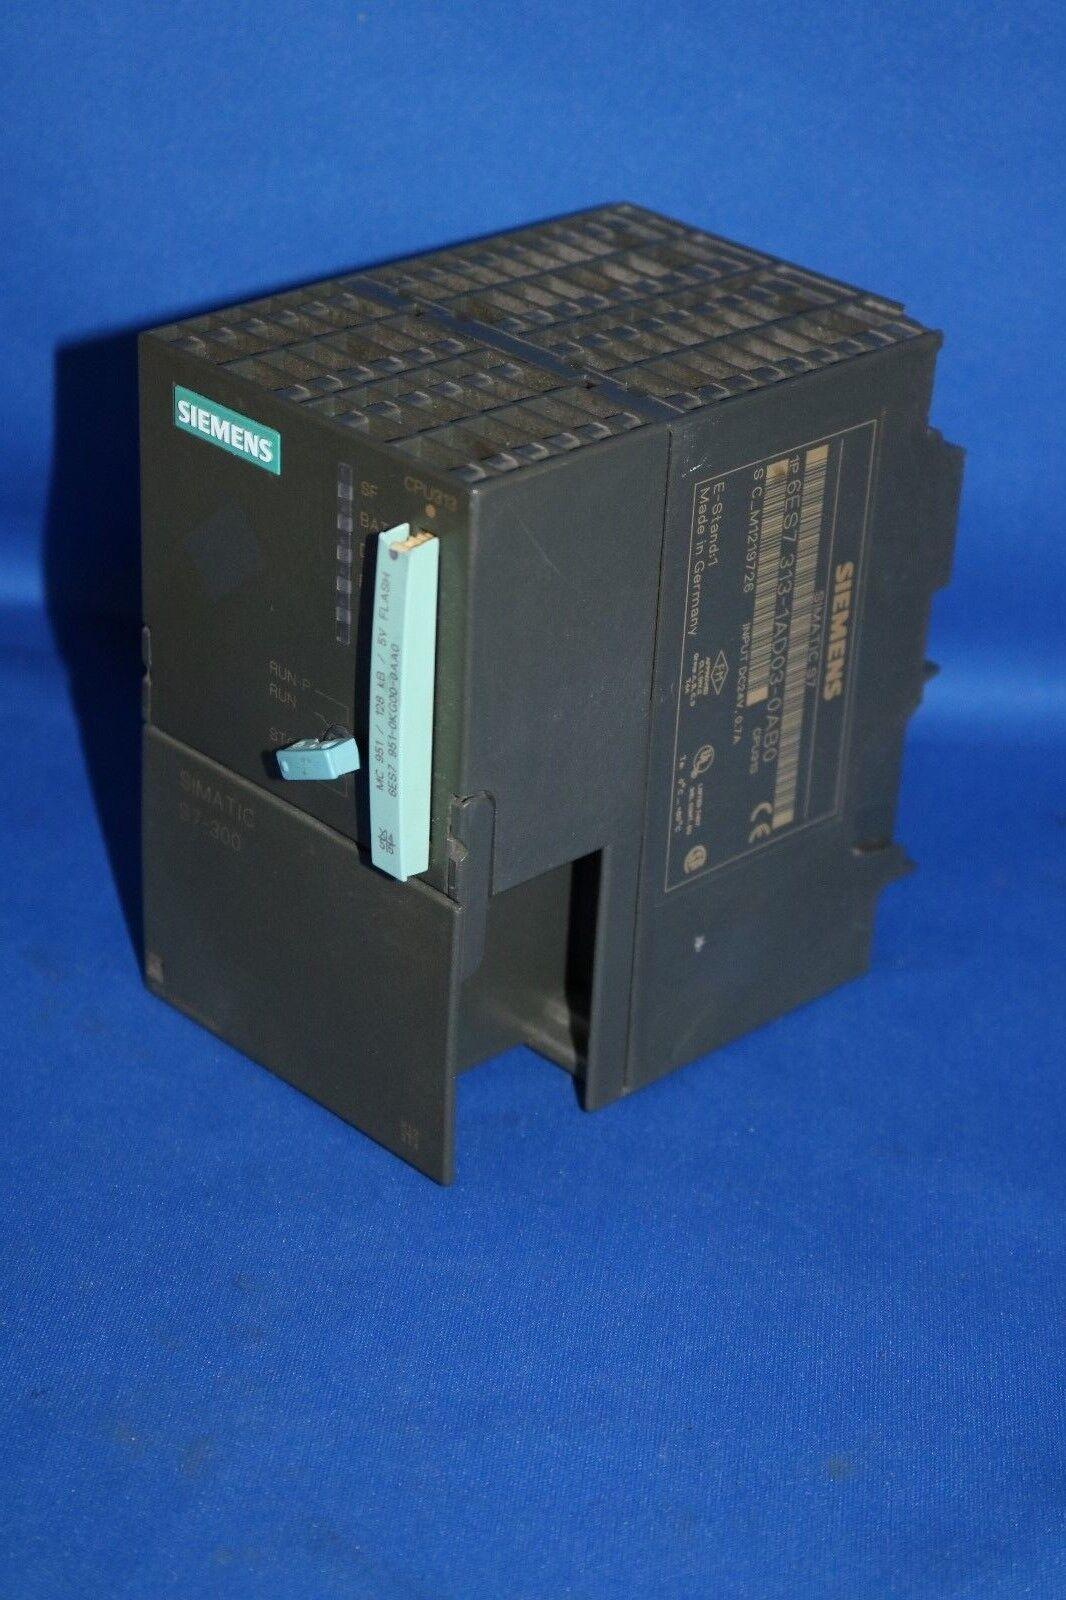 SIEMENS Simatic S7 CPU313 CPU313 6ES7 313-1AD03-0AB0 6ES7313-1AD03-0AB0 128 KB